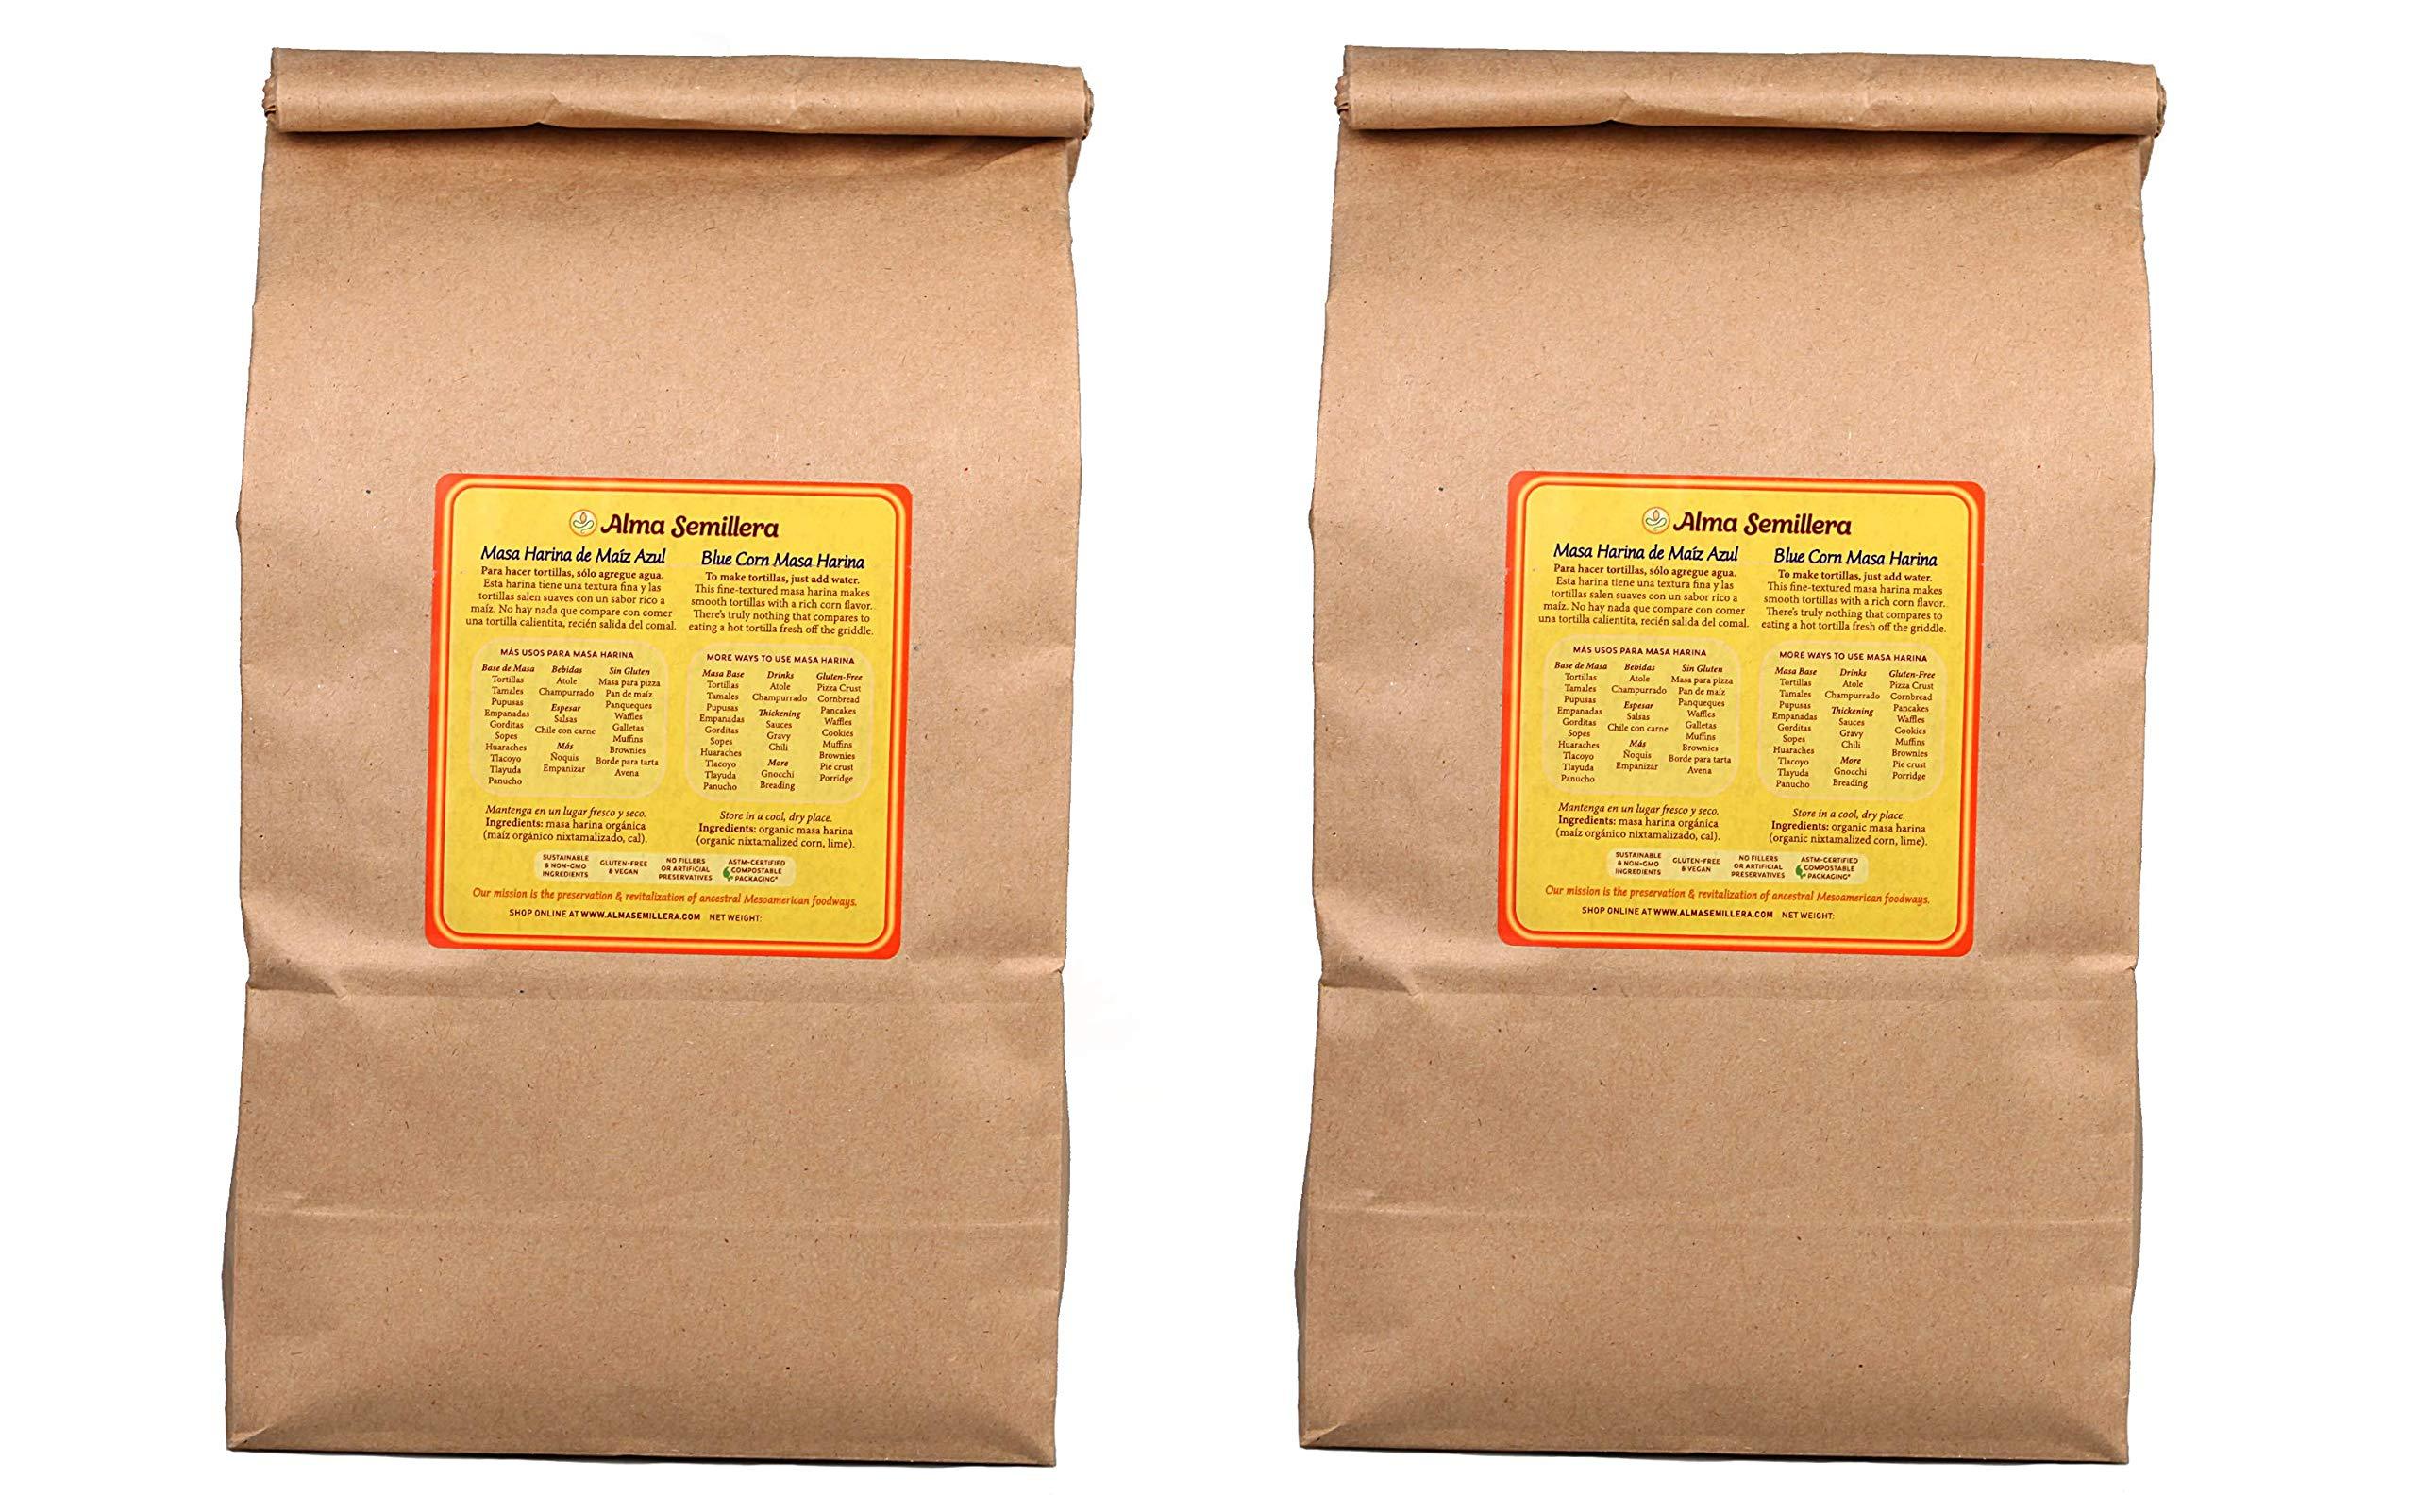 ALMA SEMILLERA Blue Corn Masa Harina - Non-GMO, Gluten Free, Vegan, Fine Texture (5lb - 2 Pack) by Alma Semillera